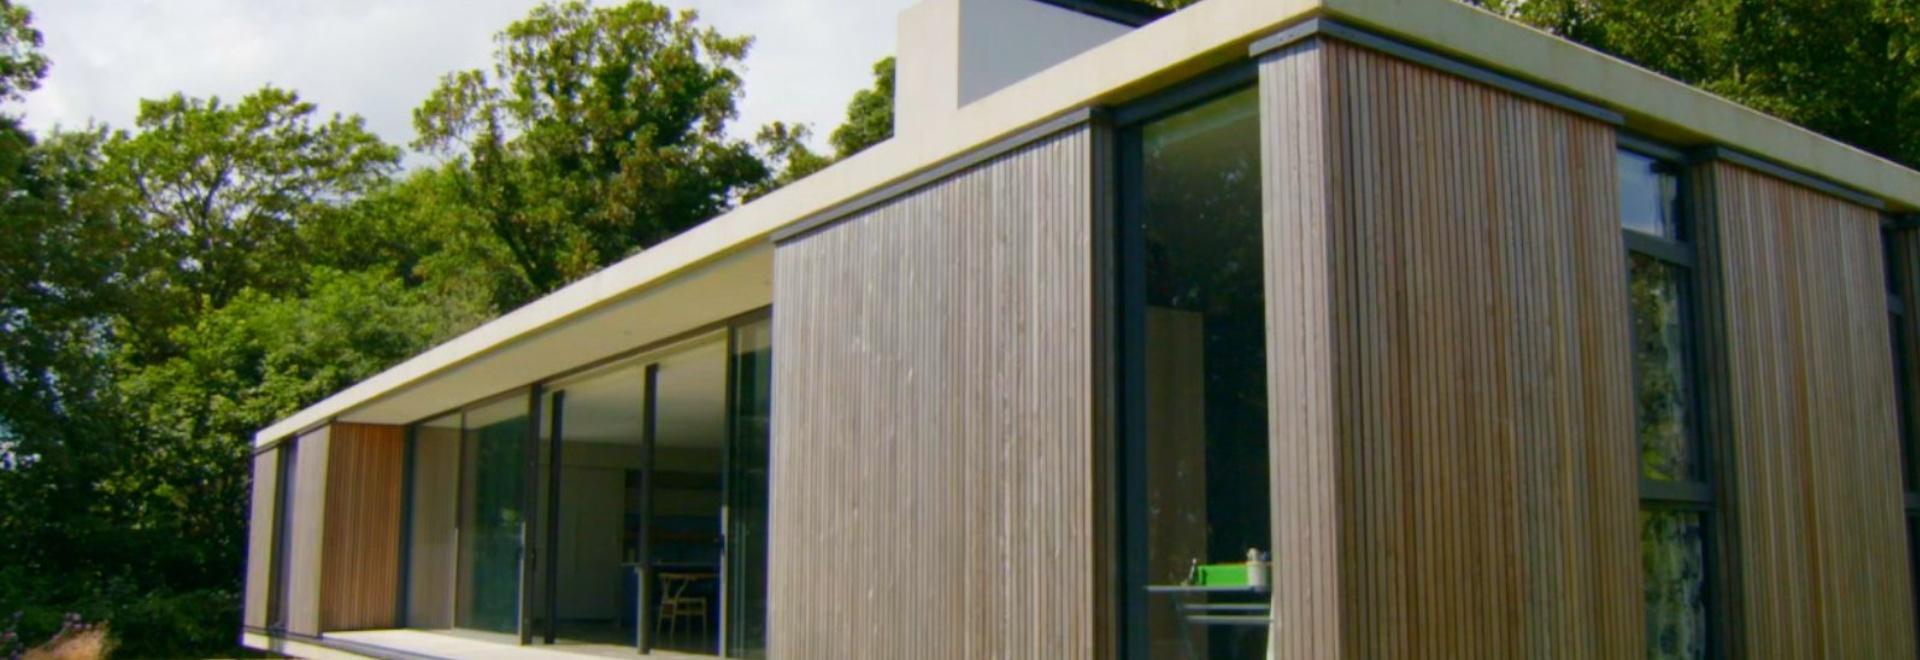 Grandi progetti: la casa dell'anno